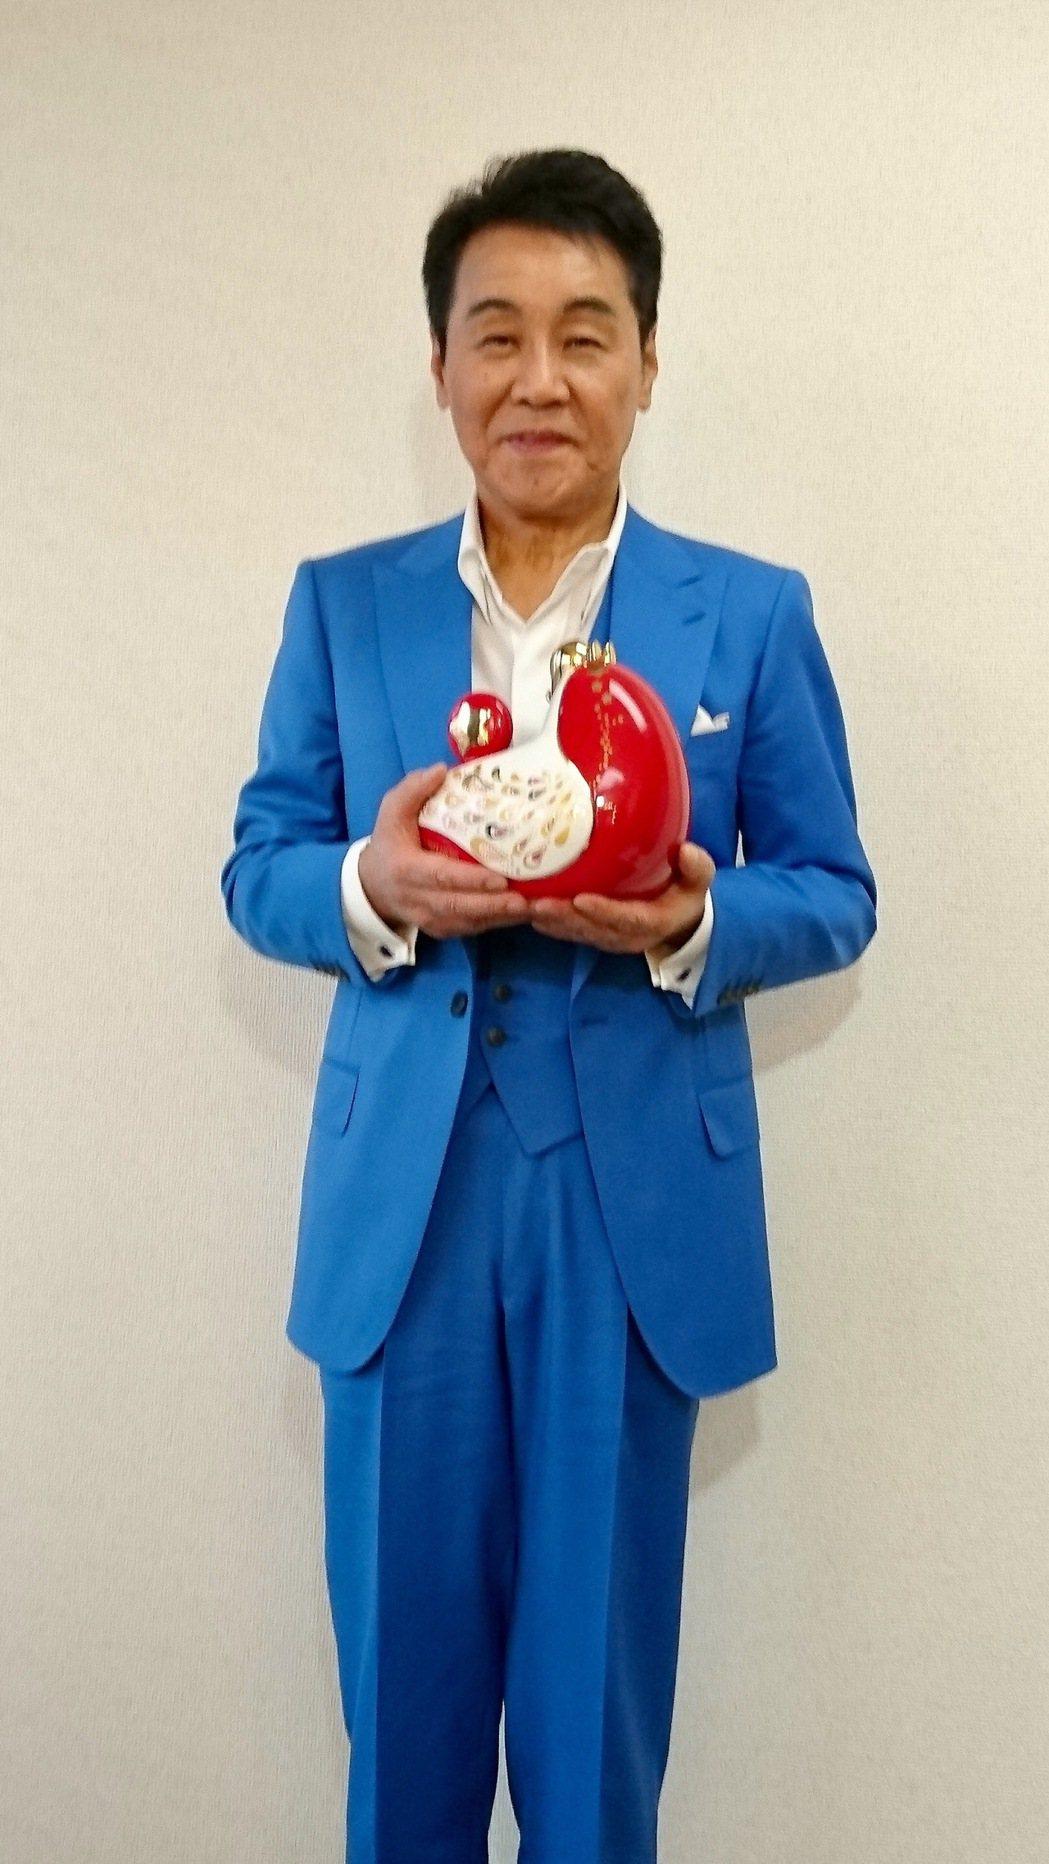 五木寬將在27、28日於台北國際會議中心舉行演唱會。圖/旭本國際提供